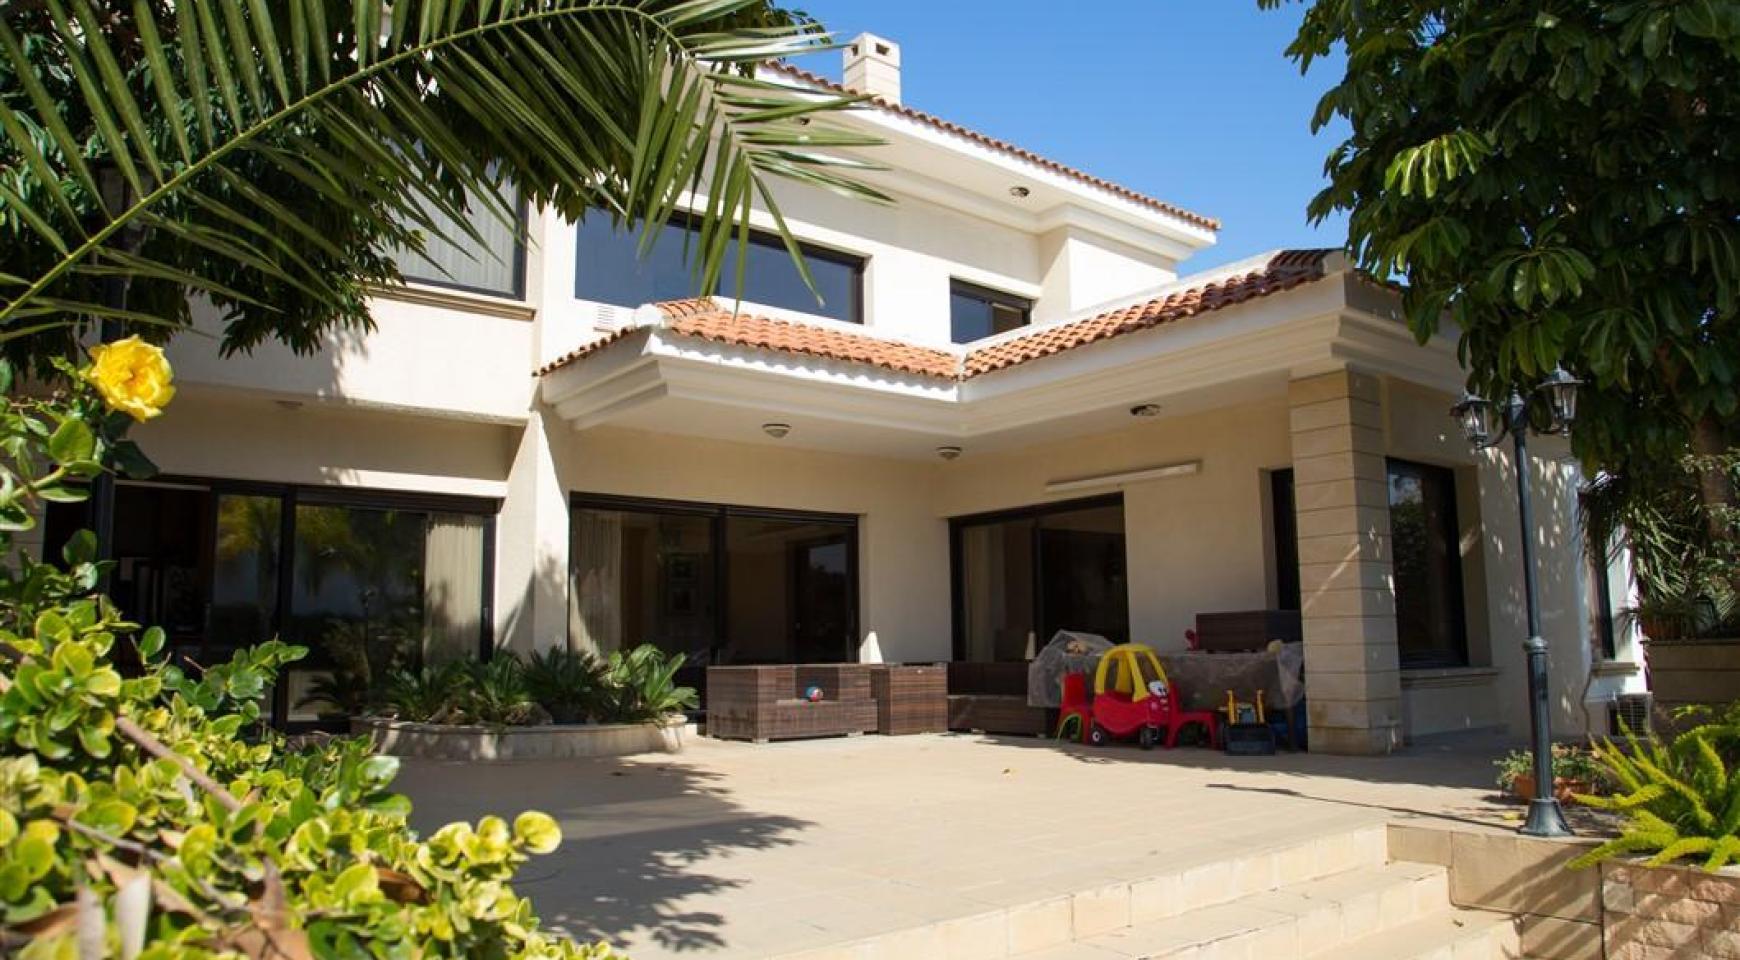 4 Bedroom Villa in Germasogeia Area - 3